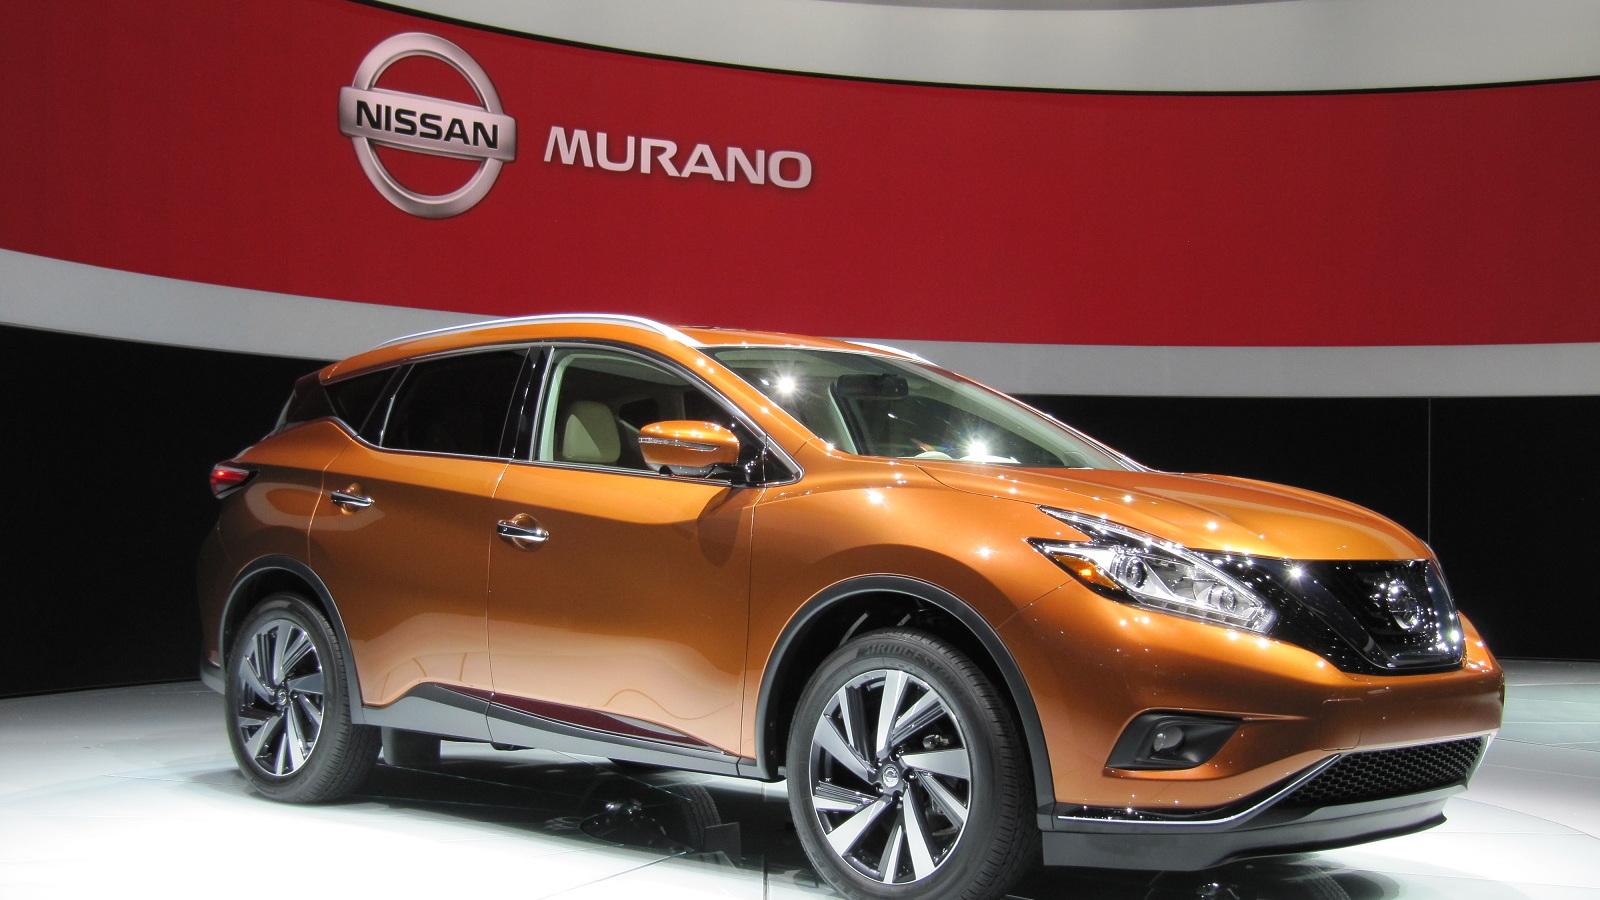 2015 Nissan Murano launch, 2014 New York Auto Show